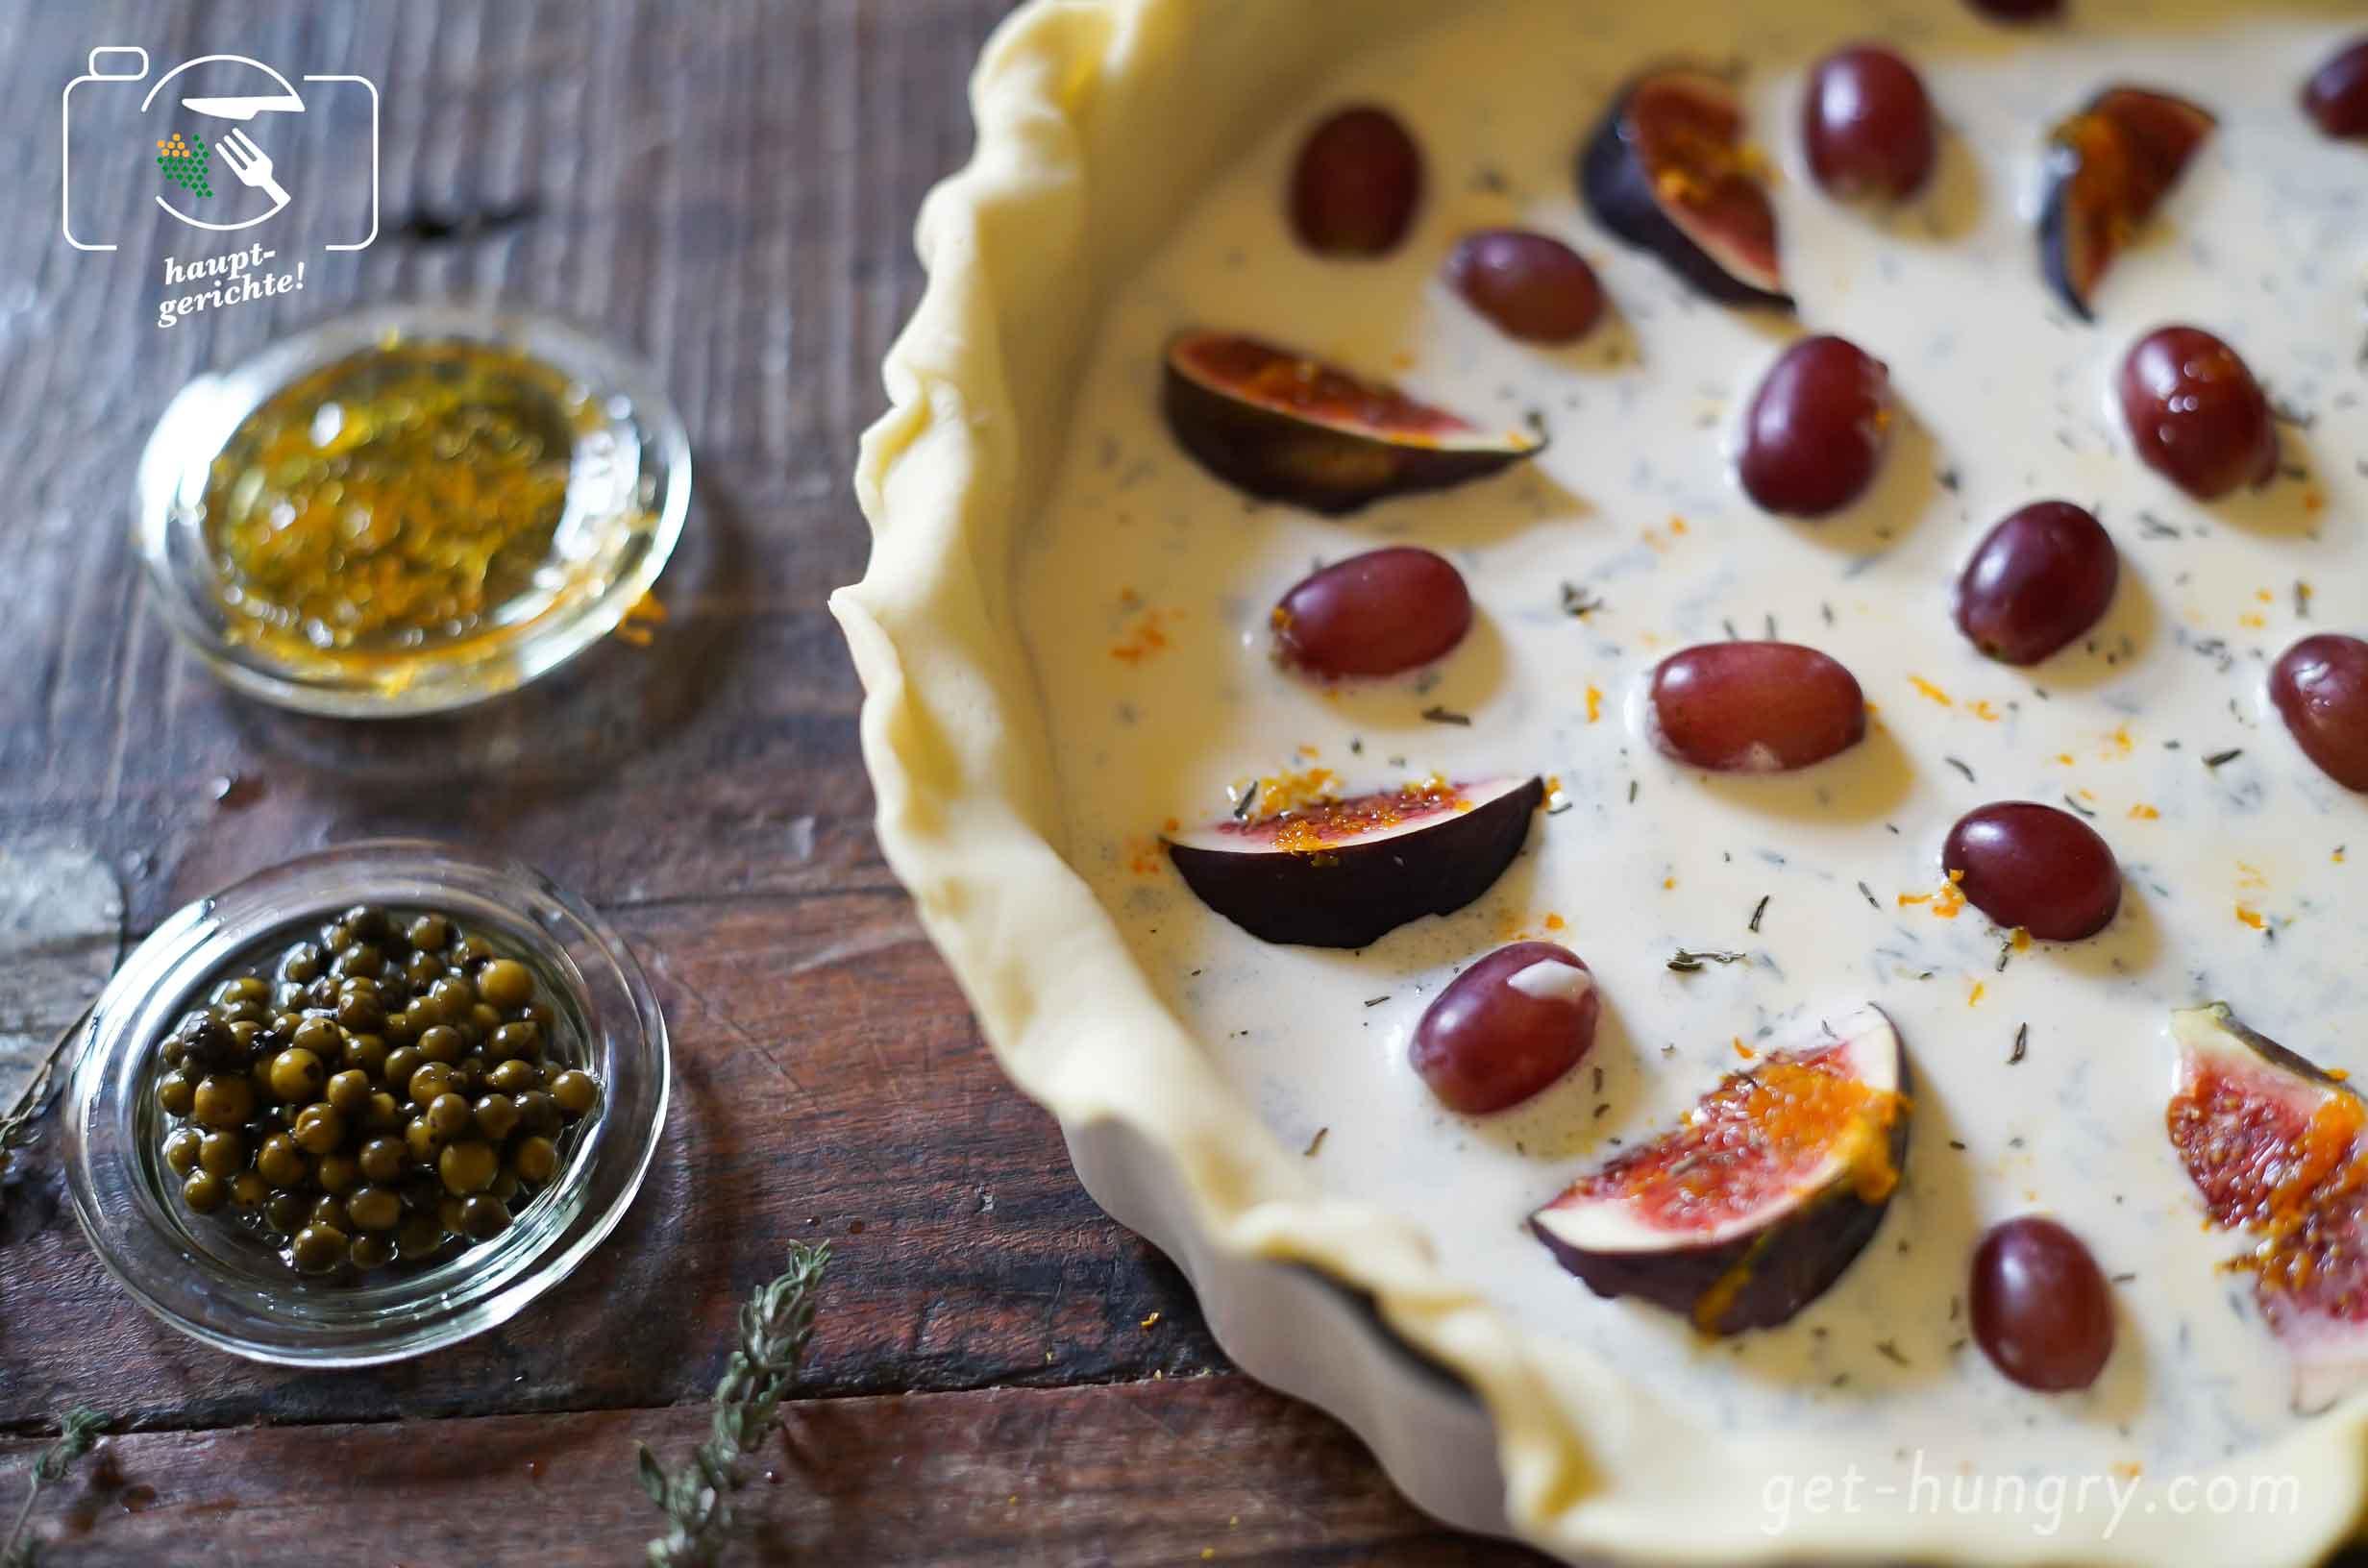 Die bittere Orangenschale, der holzige Ahornsirup, die süßen Früchtchen und die pikante, pfeffrige Mascarpone-Thymian Creme…kann man nur lieben!